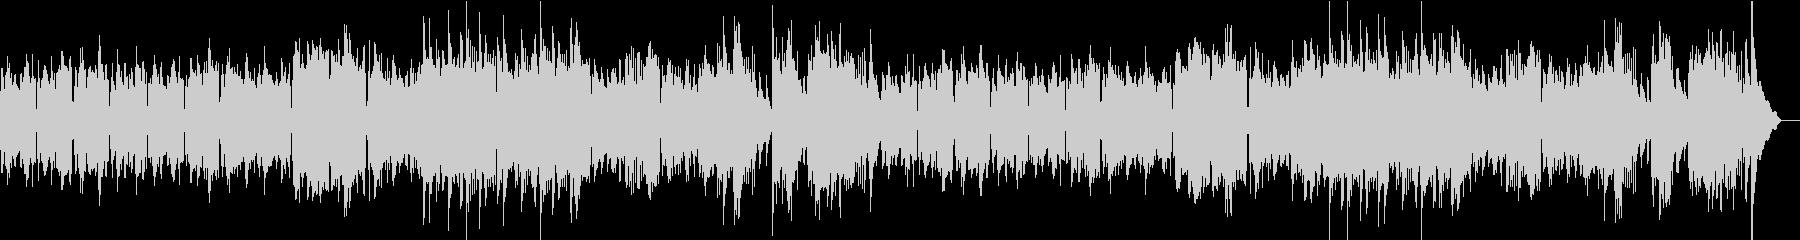 アコーディオン旋律のシャンソン風ワルツの未再生の波形